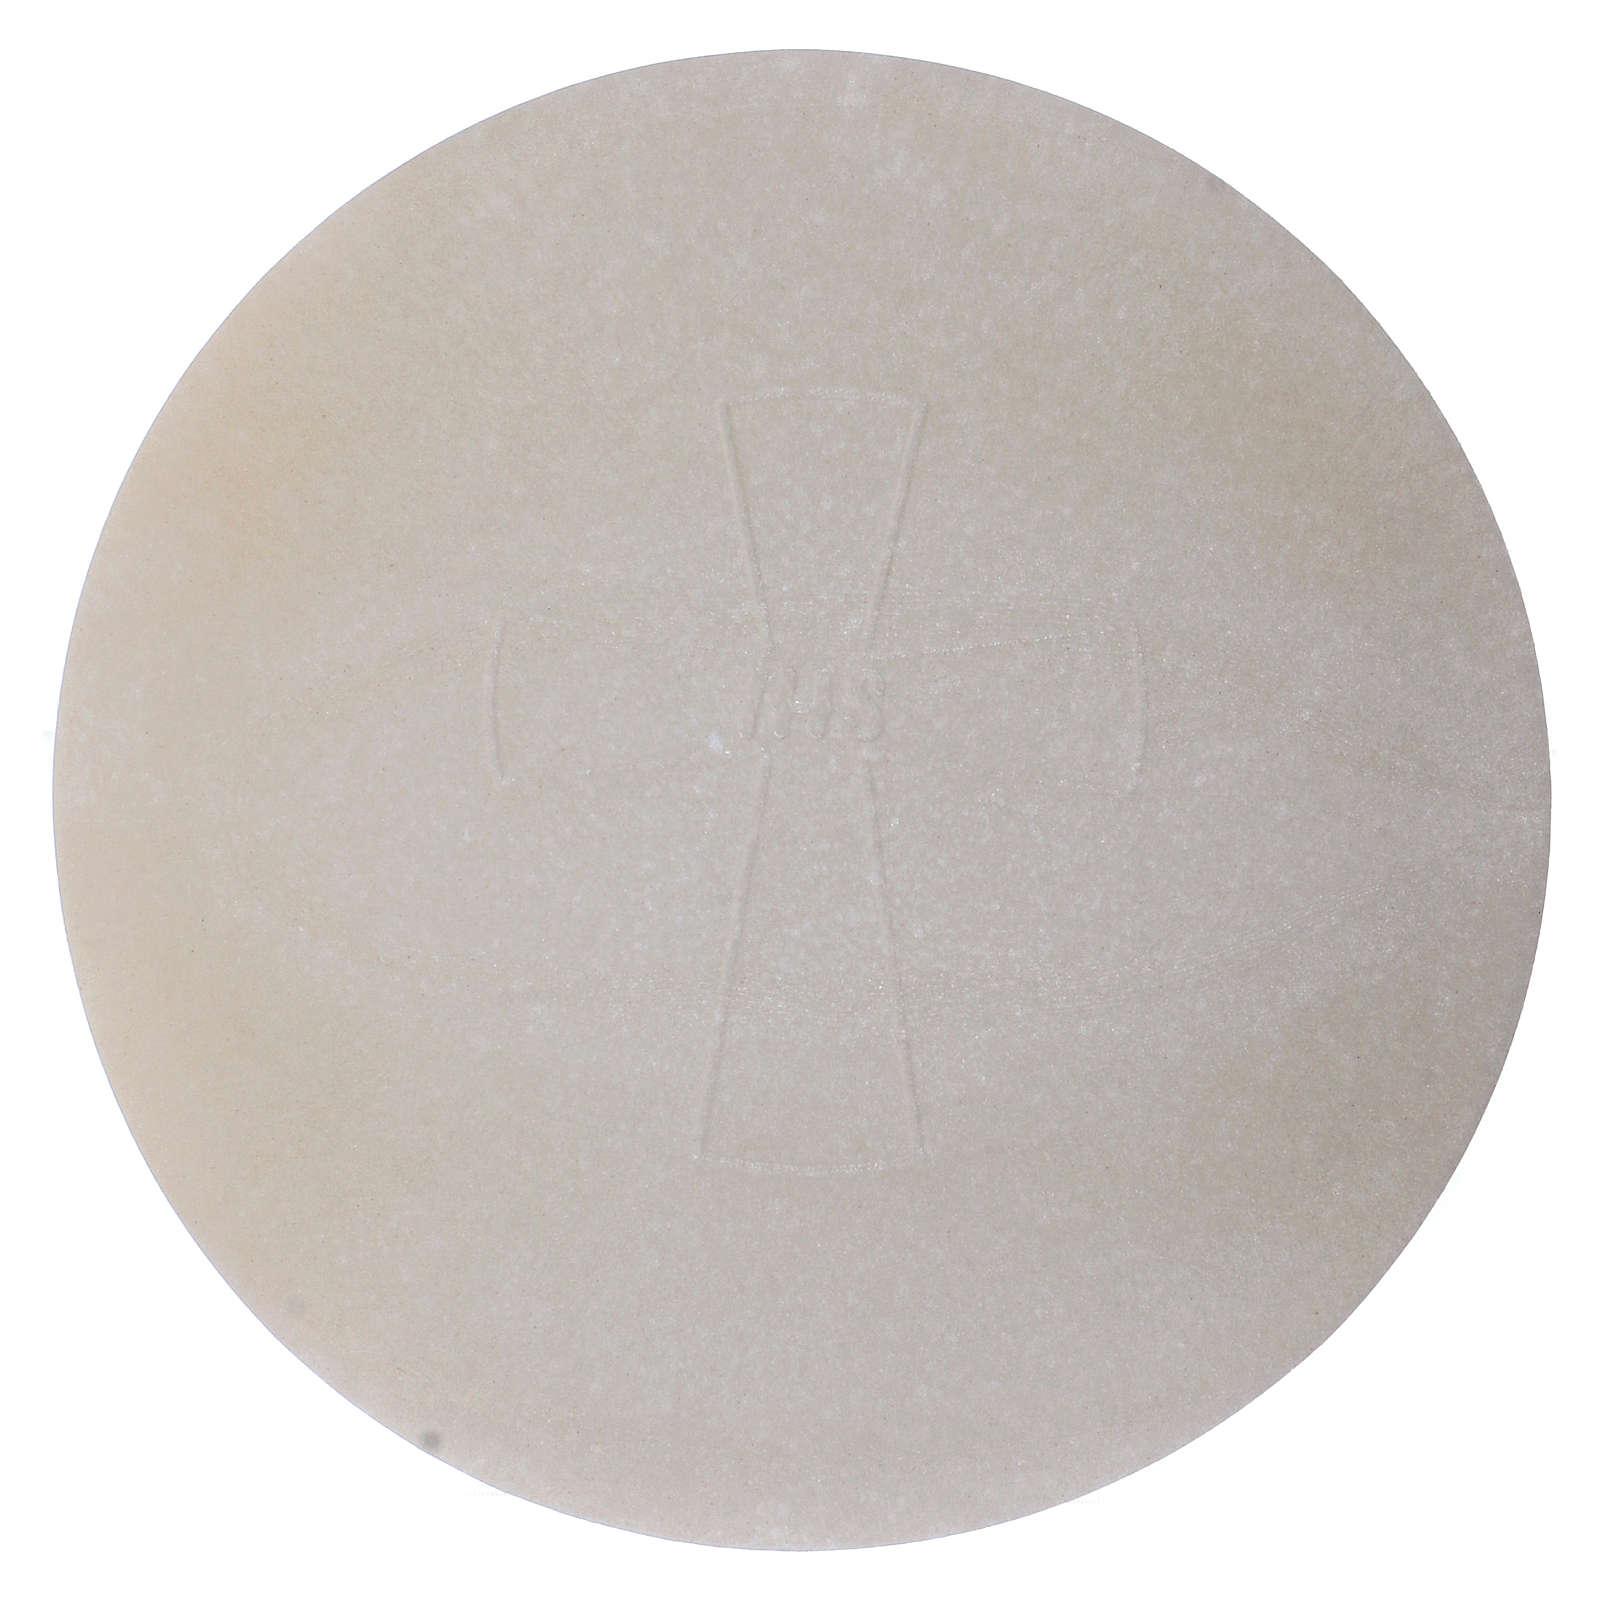 Große Hostien (Ostia Magna) für Konzelebration mit einem Durchmesser von 22,5 cm 3